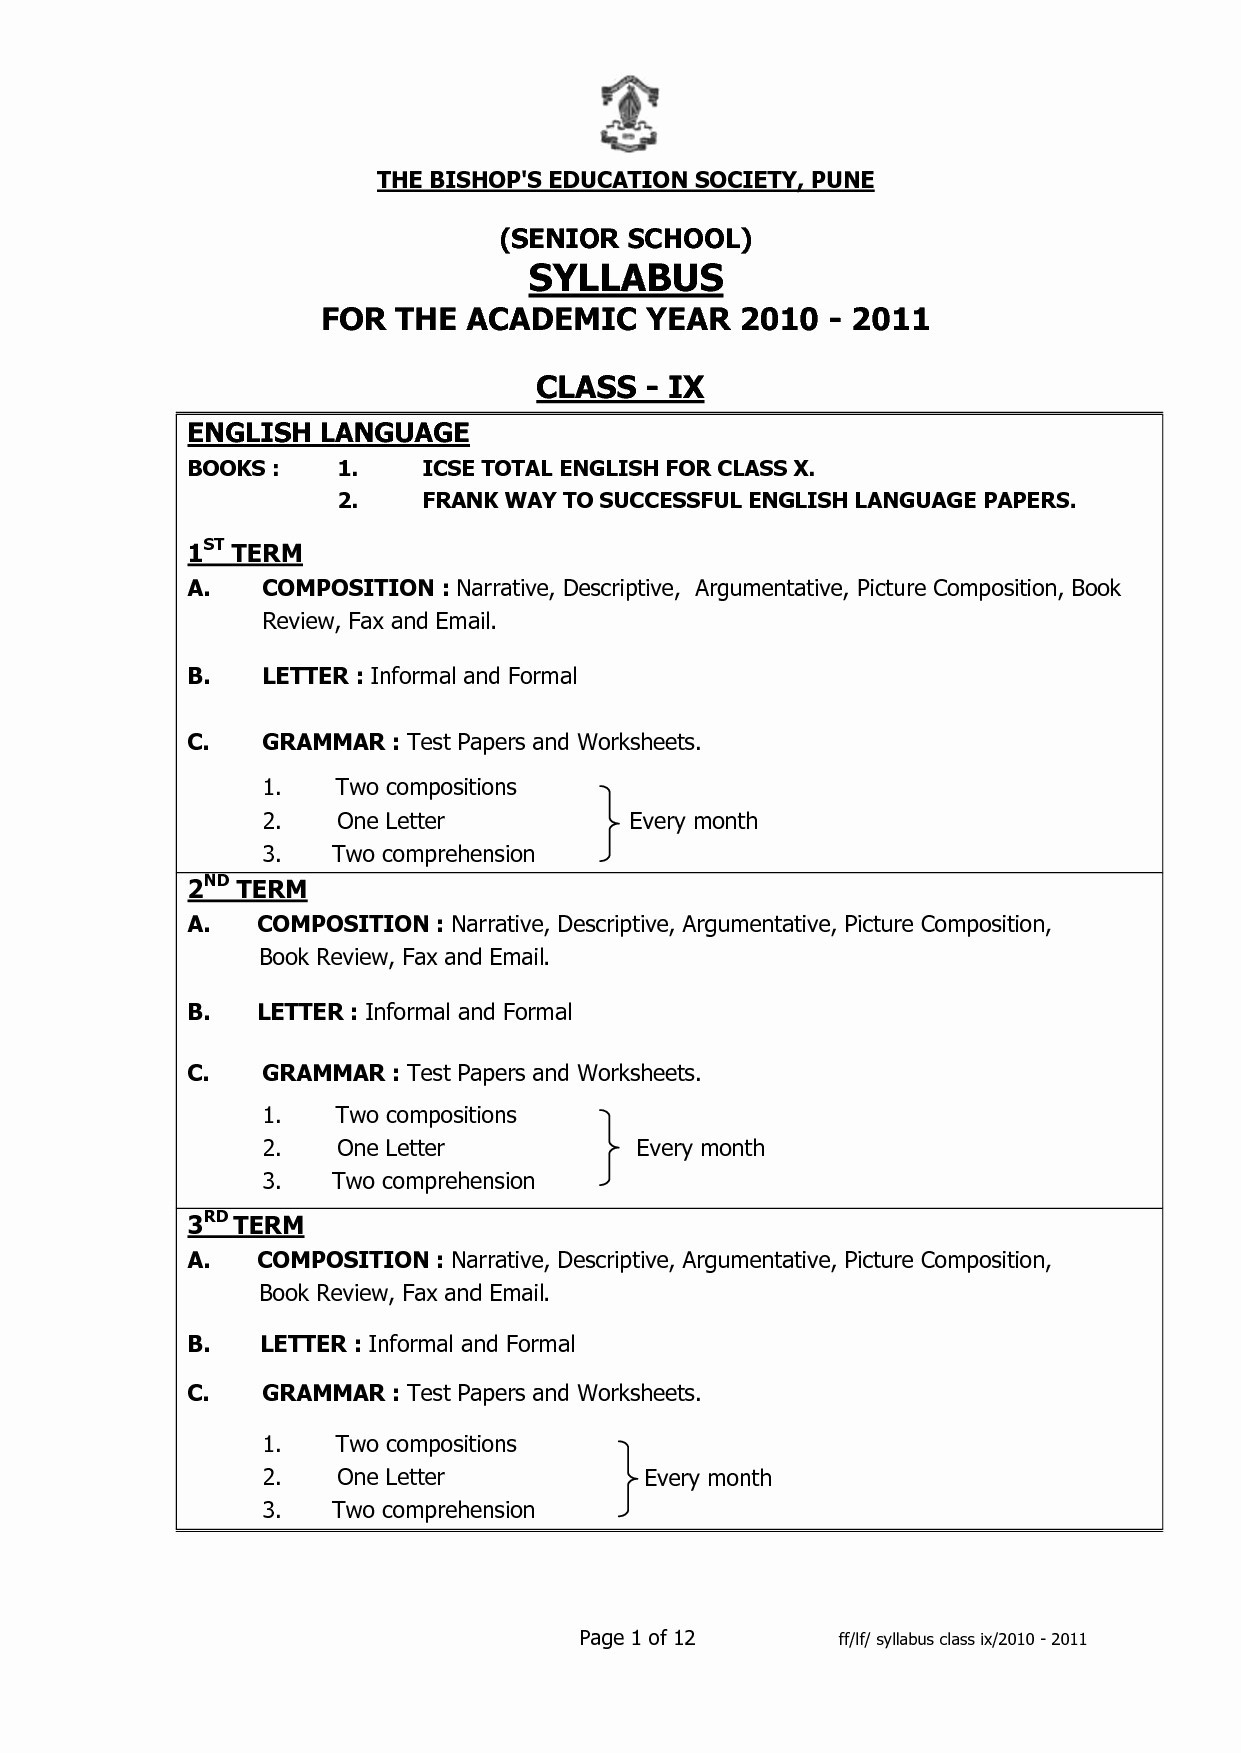 1st Grade Grammar Worksheets To Download